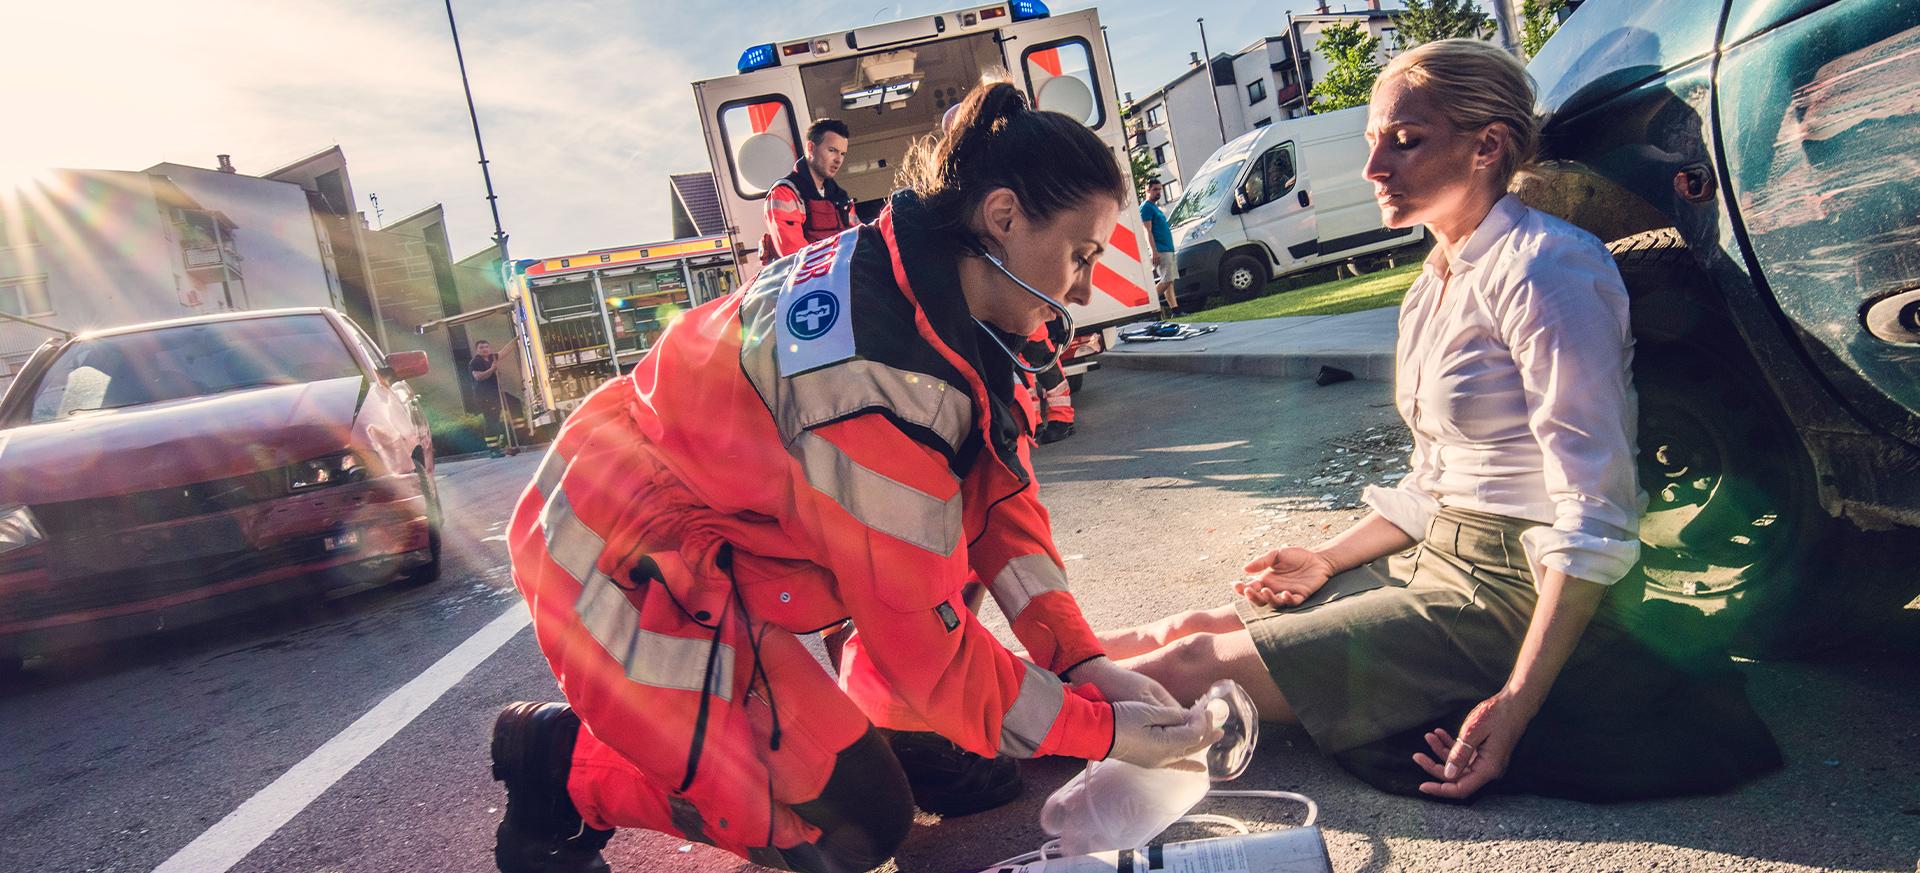 Retttungsdienstmitarbeiterin leistet Erste Hilfe bei einem Unfallopfer.